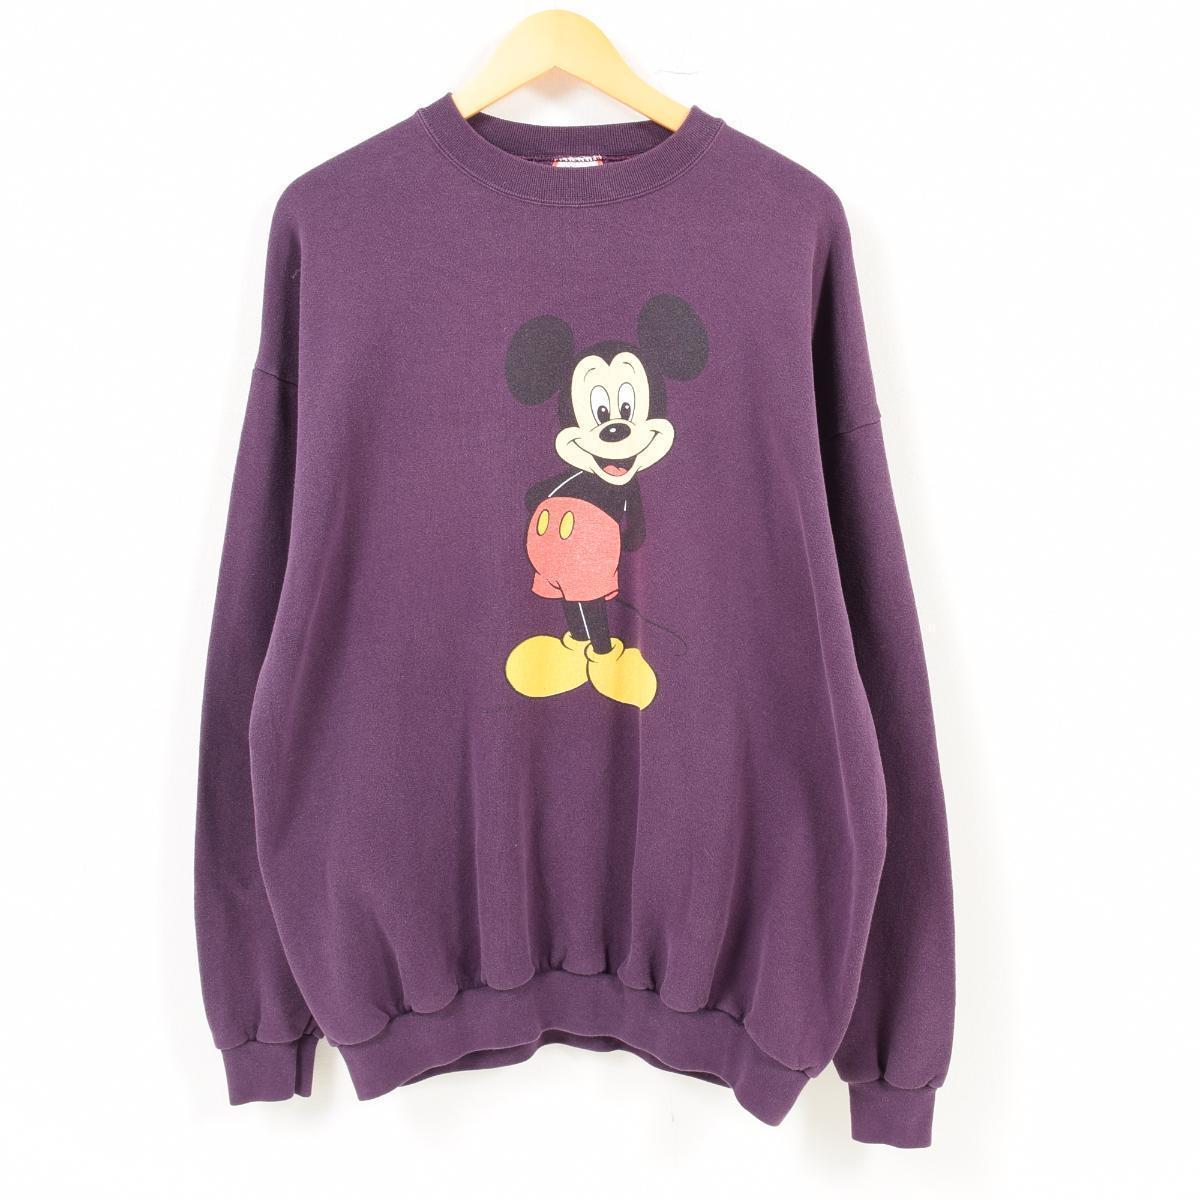 DISNEY DESIGNS MICKEY MOUSE ミッキーマウス キャラクタースウェットシャツ トレーナー USA製 フリーサイズ /wat7544 【中古】 【180814】